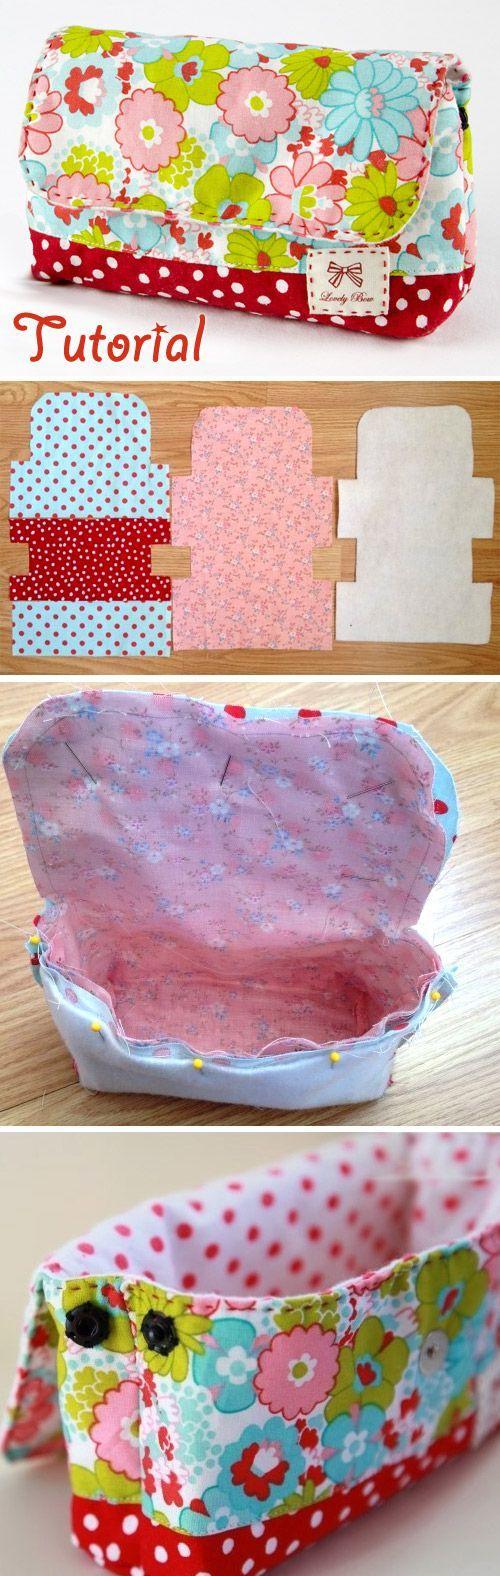 Patrones de costura: Messenger Bags, Bags cotidianas;  Servicio de lavandería Bolsa Tutorial http://www.handmadiya.com/2015/10/cosmetic-bag-with-pattern.html: